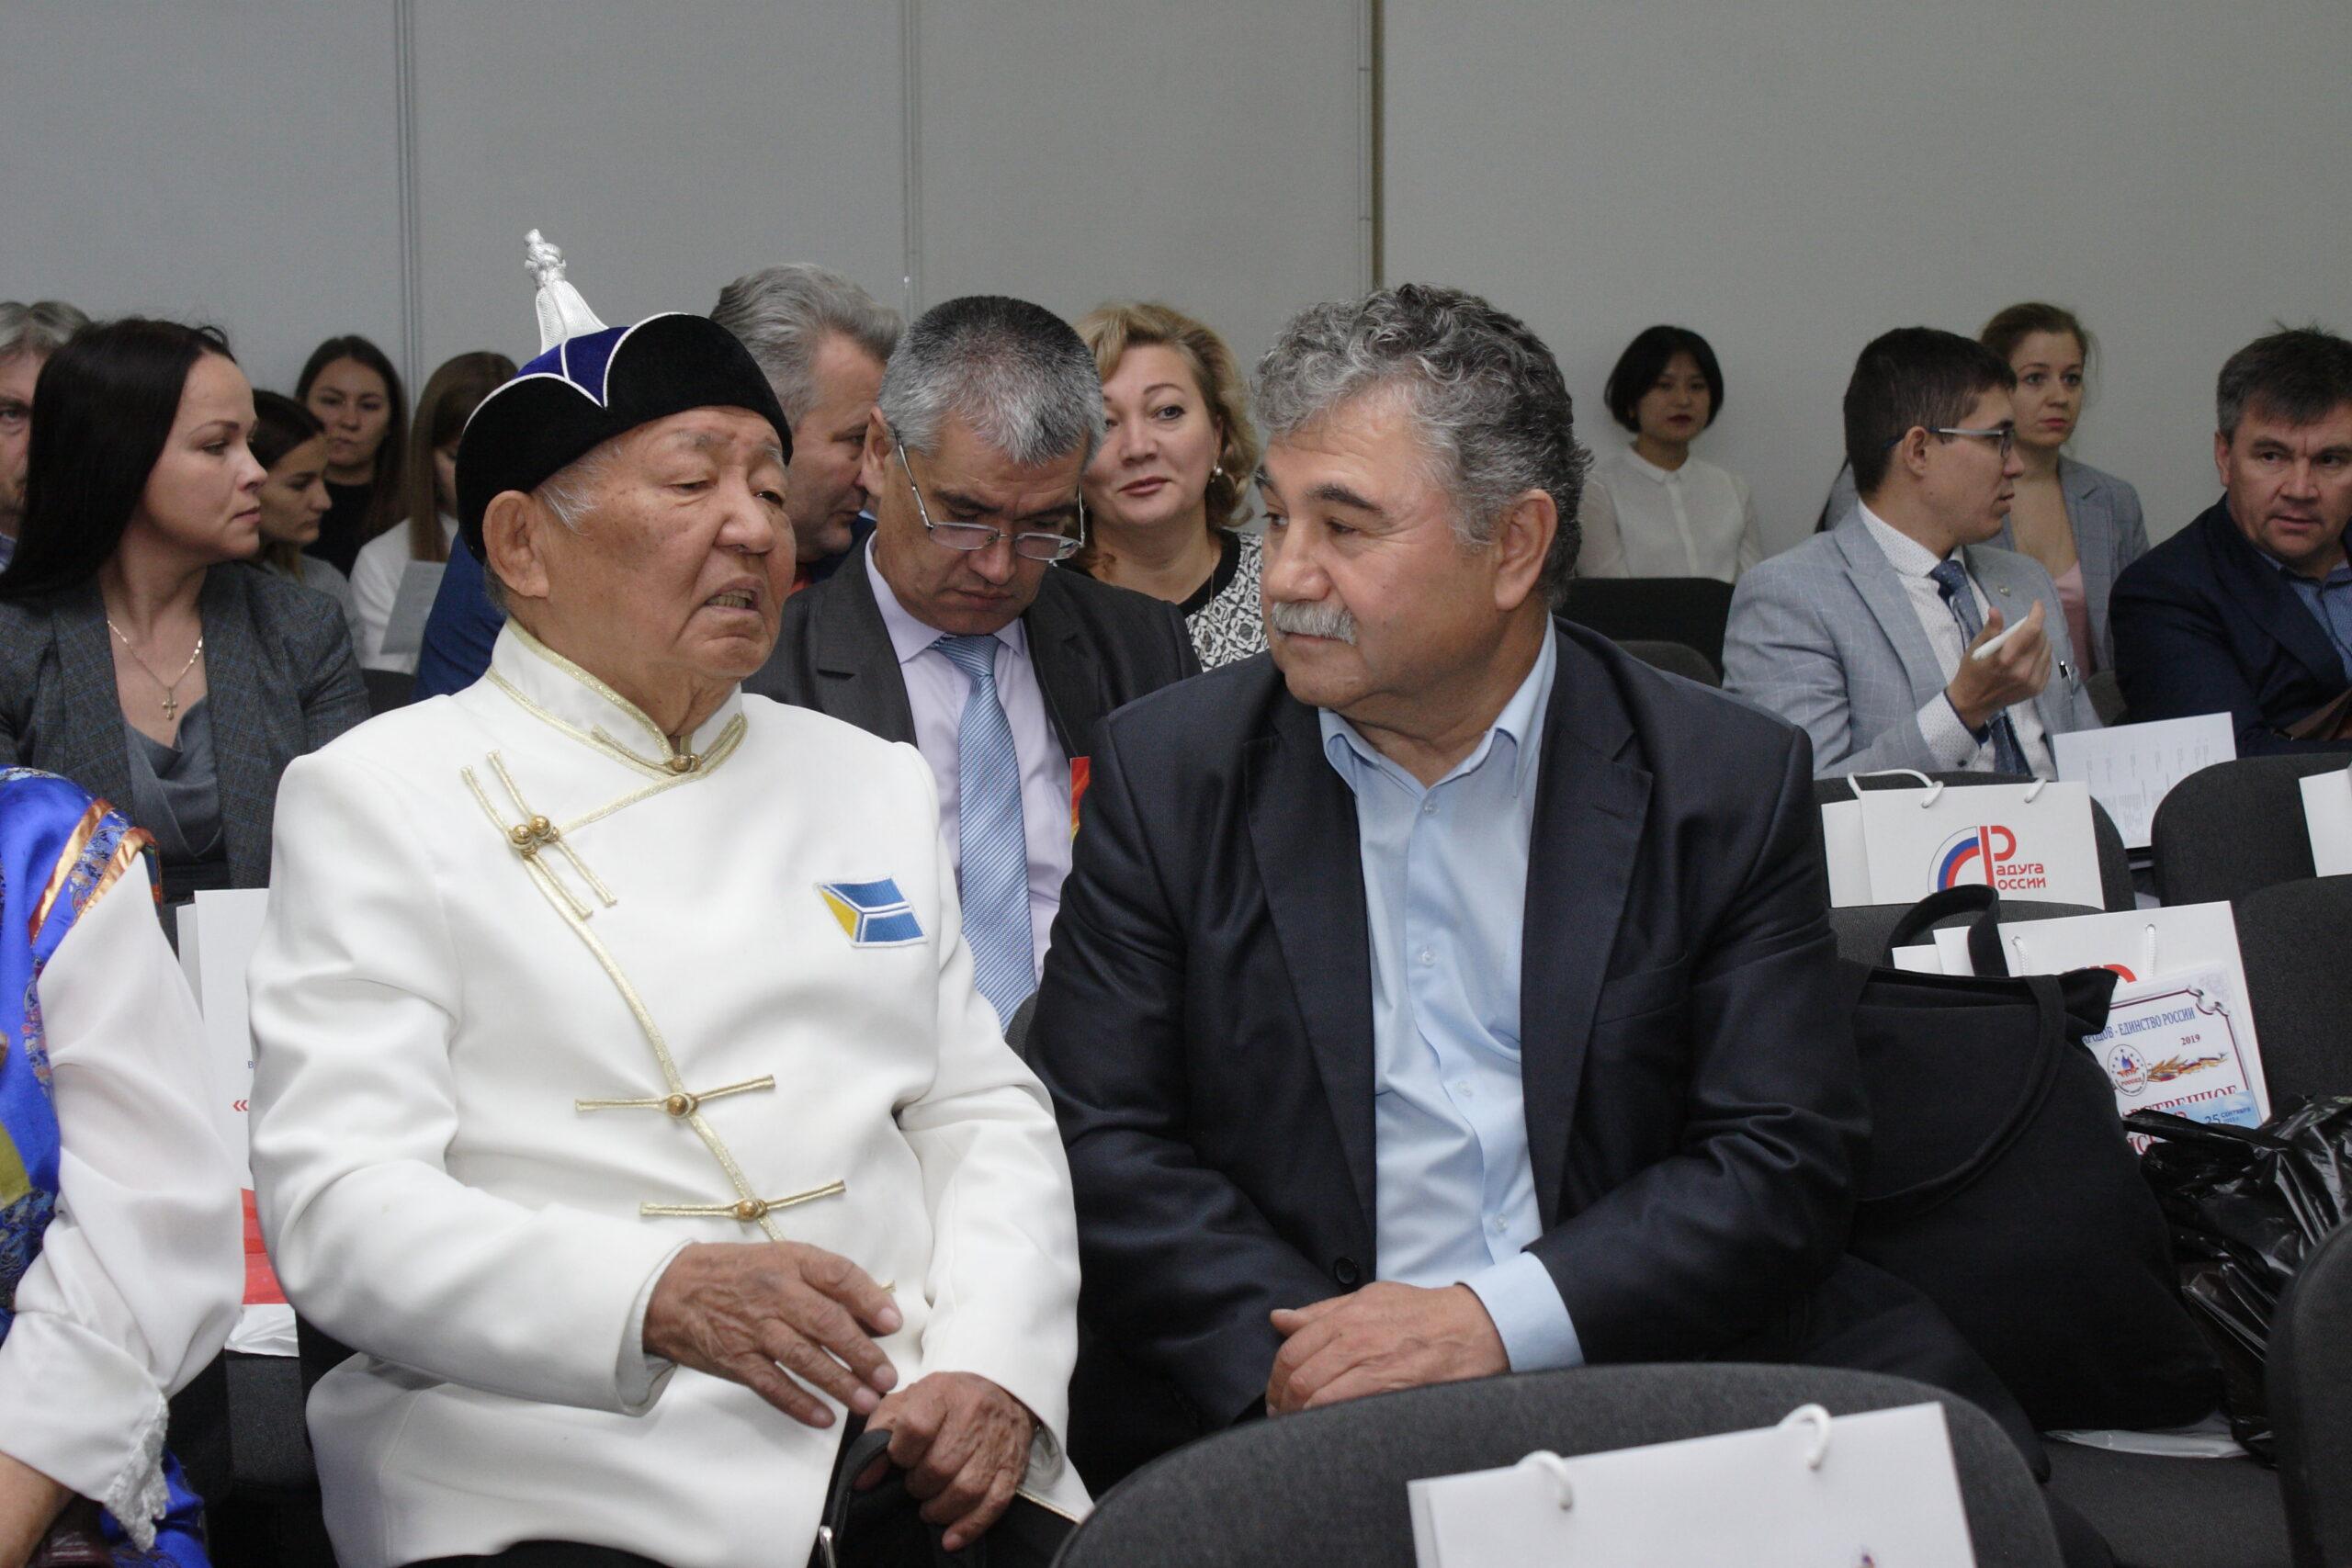 Фото мужчины разных национальностей беседуют на конгрессе народов России